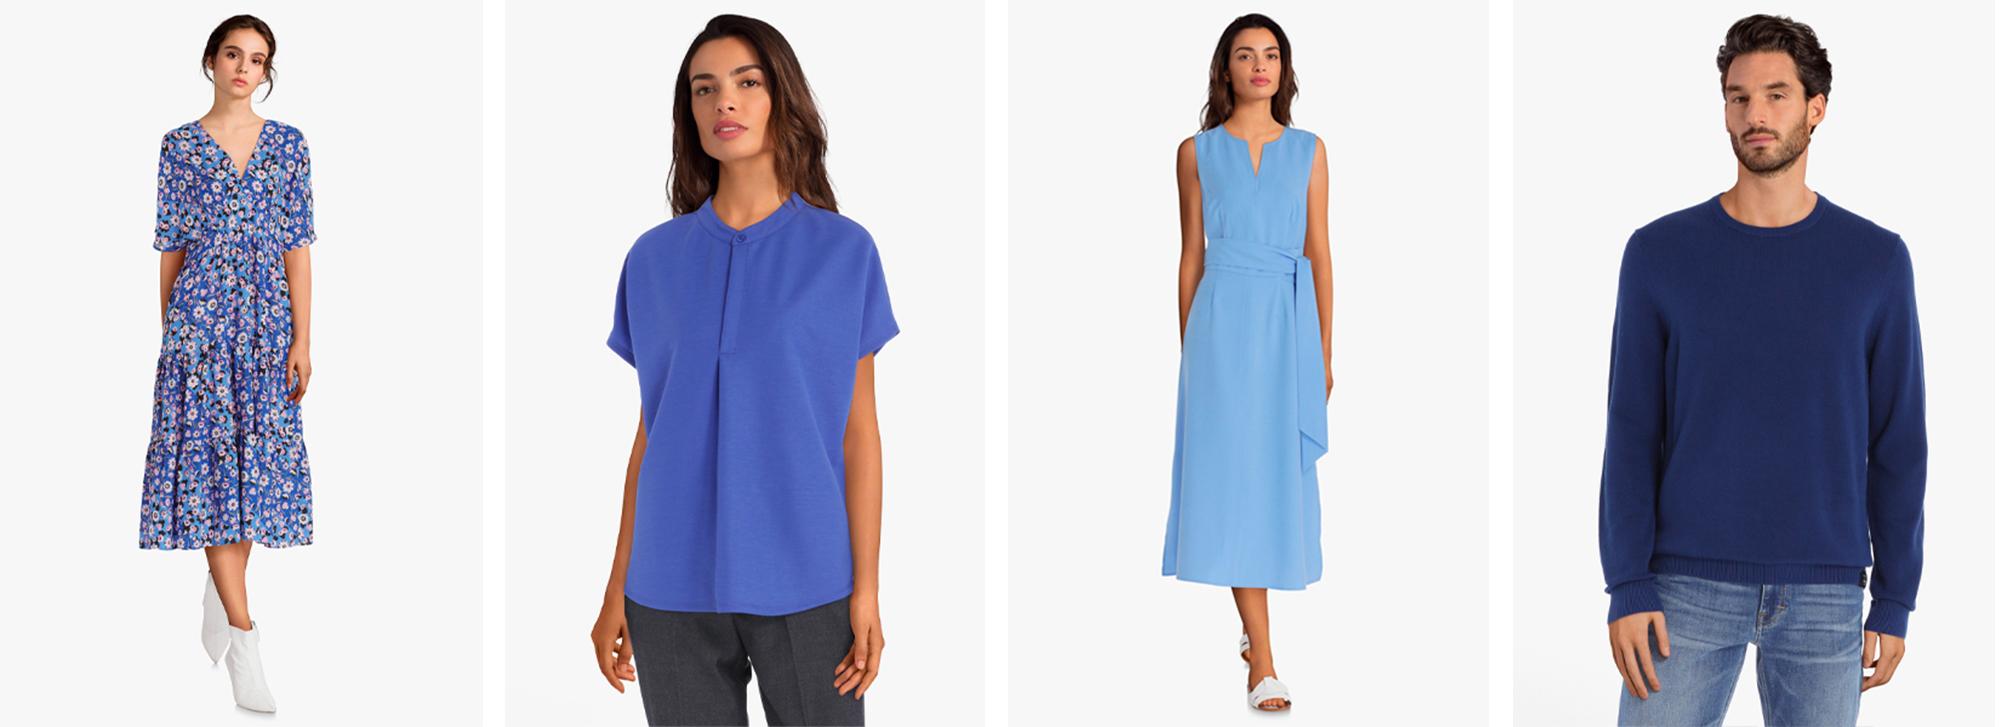 Solden shoppen: kleur jouw zomer met deze koopjes 2